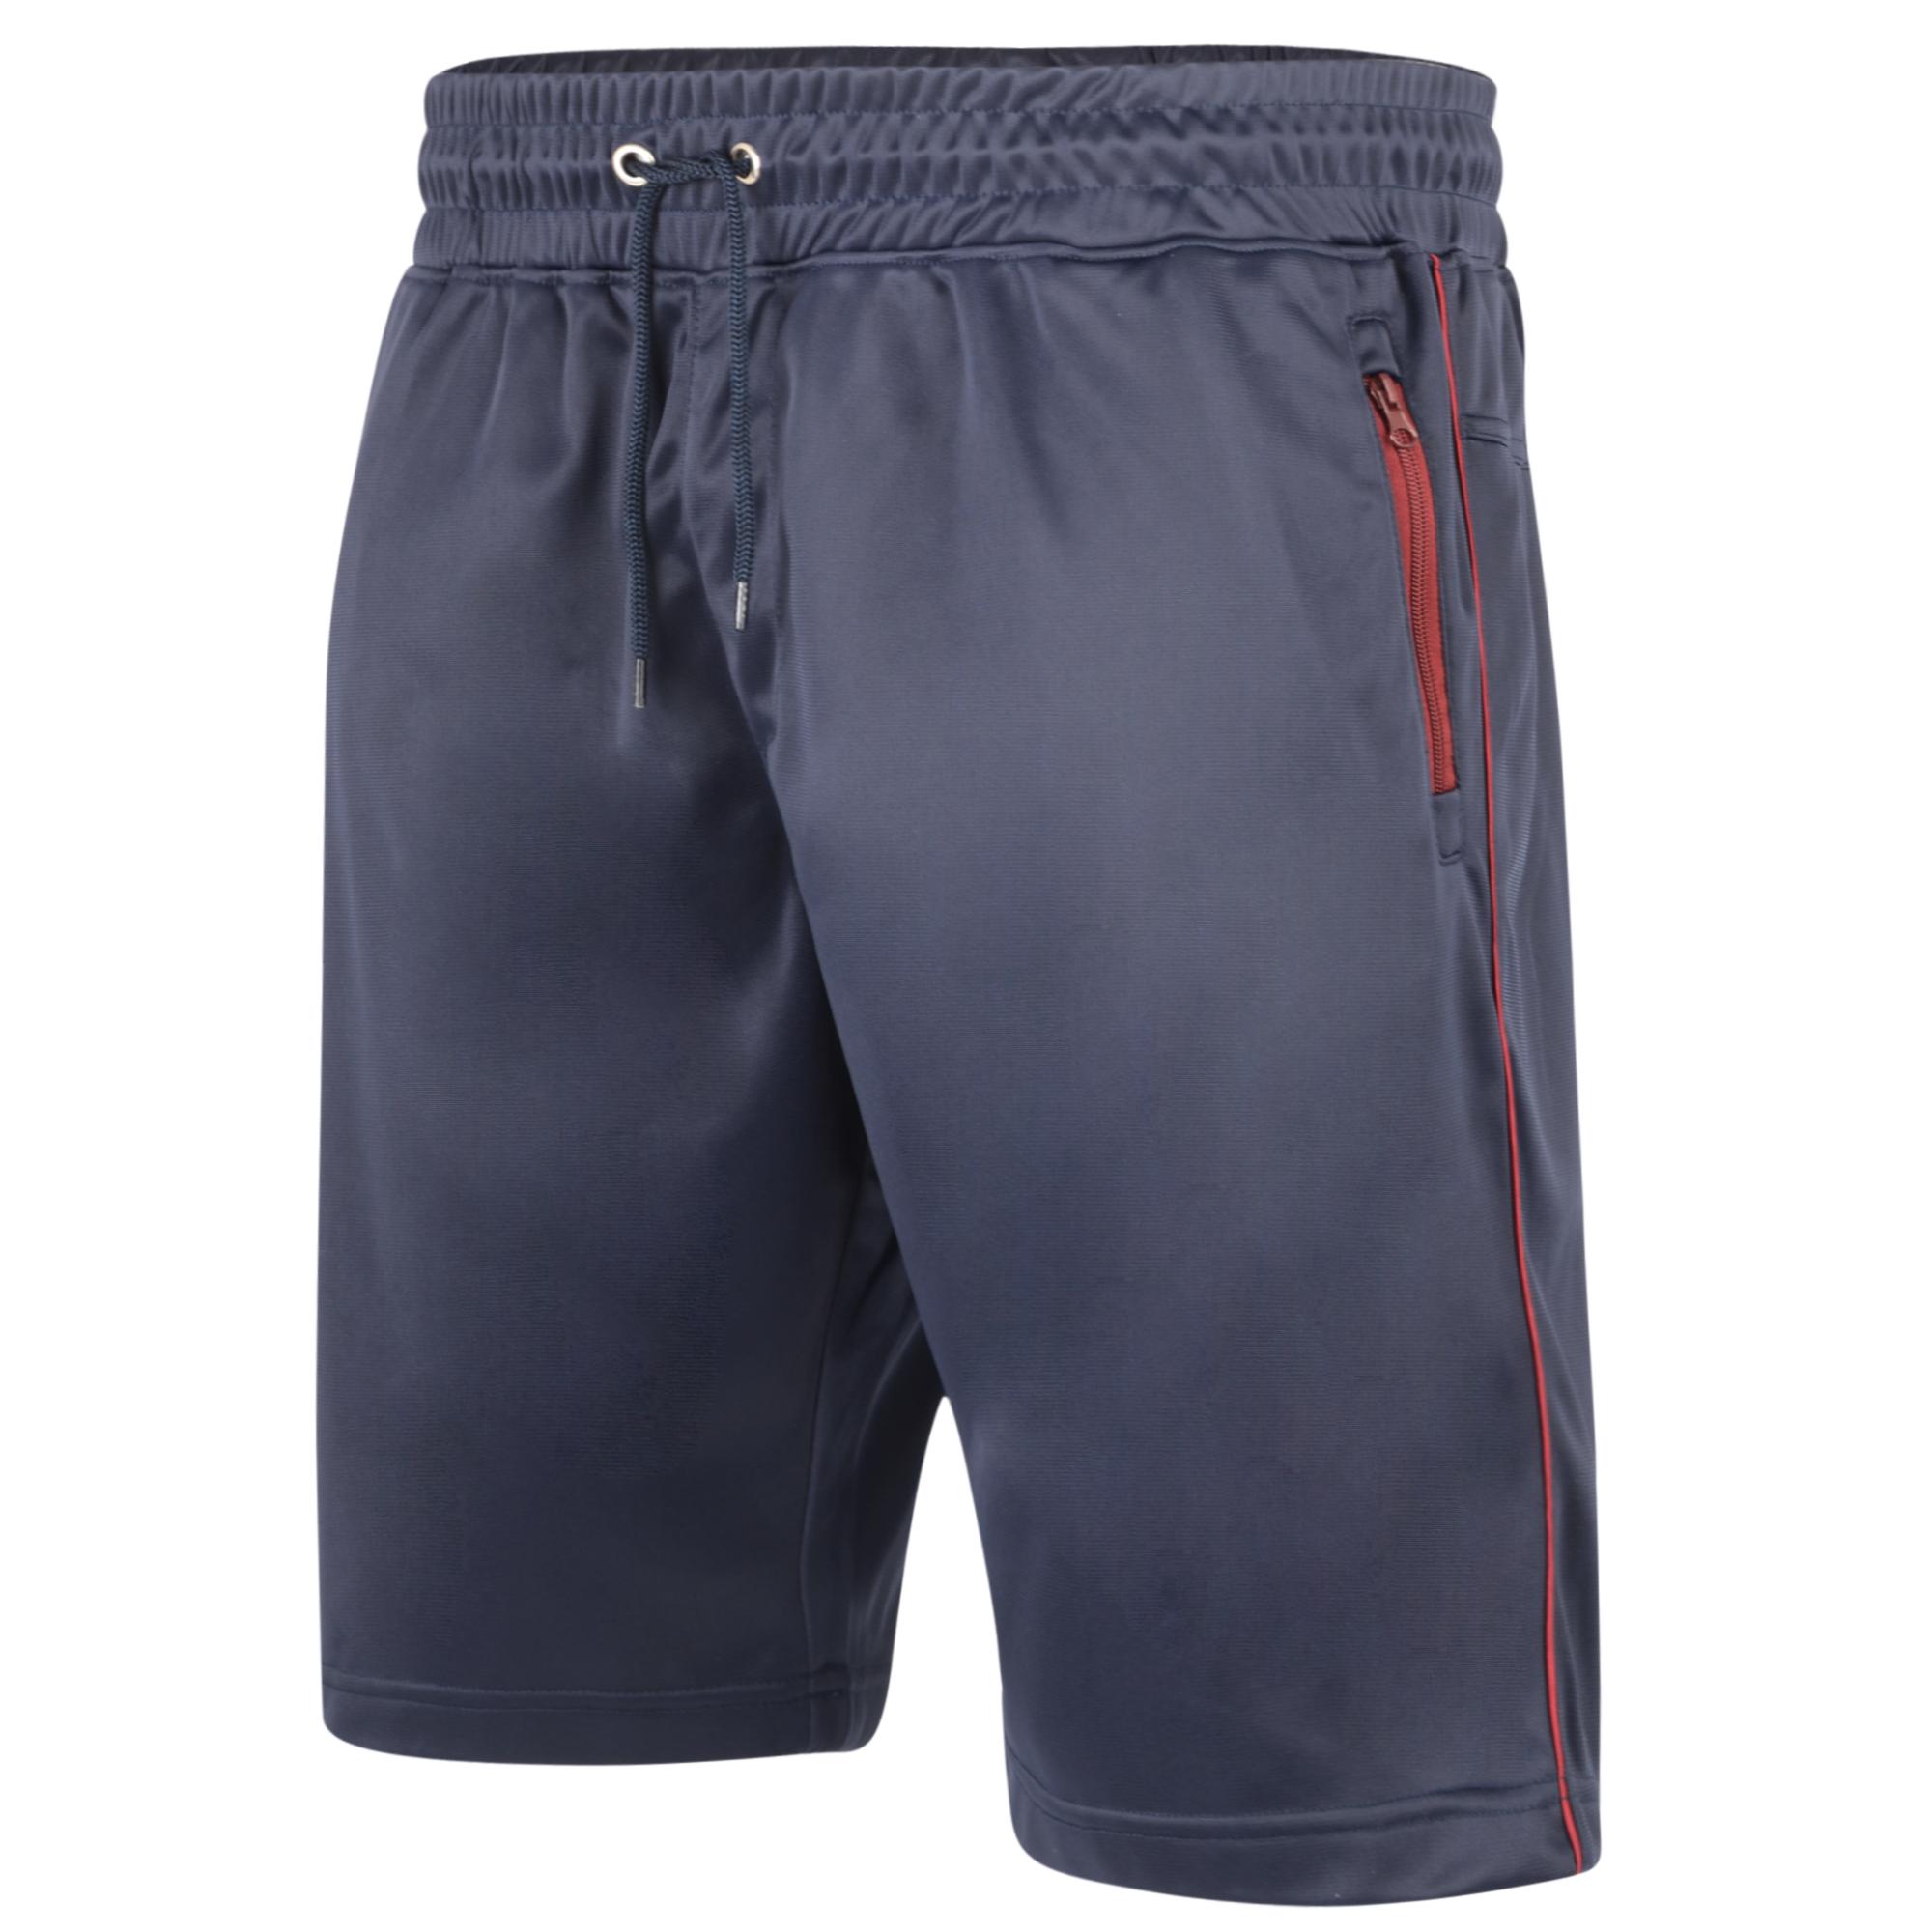 Tricot Shorts van merk KAM Jeanswear in de kleur navy, gemaakt van polyester. Contrast striping op de pijpen, zijzakken met rits, elastiek en trekkoord in de tailleband.